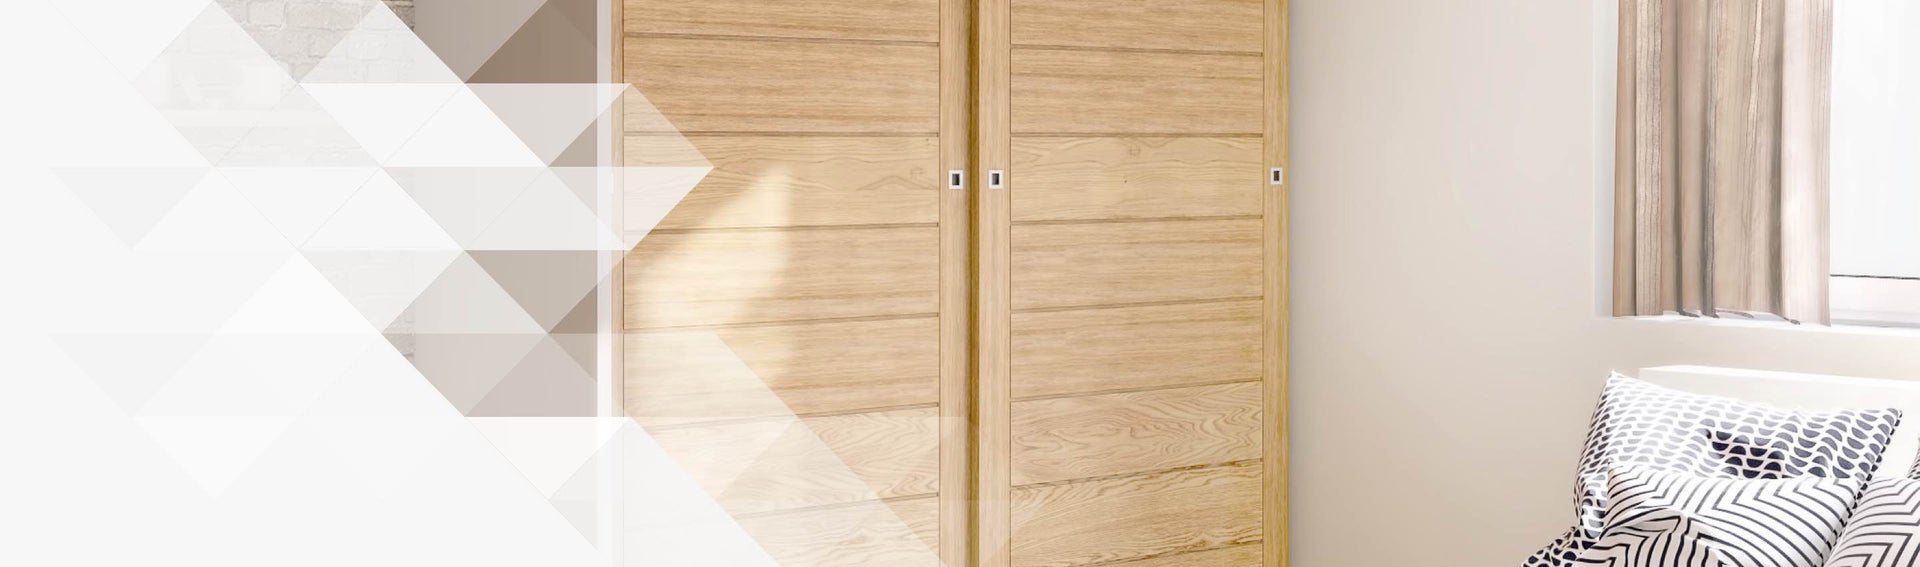 Deco Porte De Placard porte de placard et cloison - standard et personnalisable